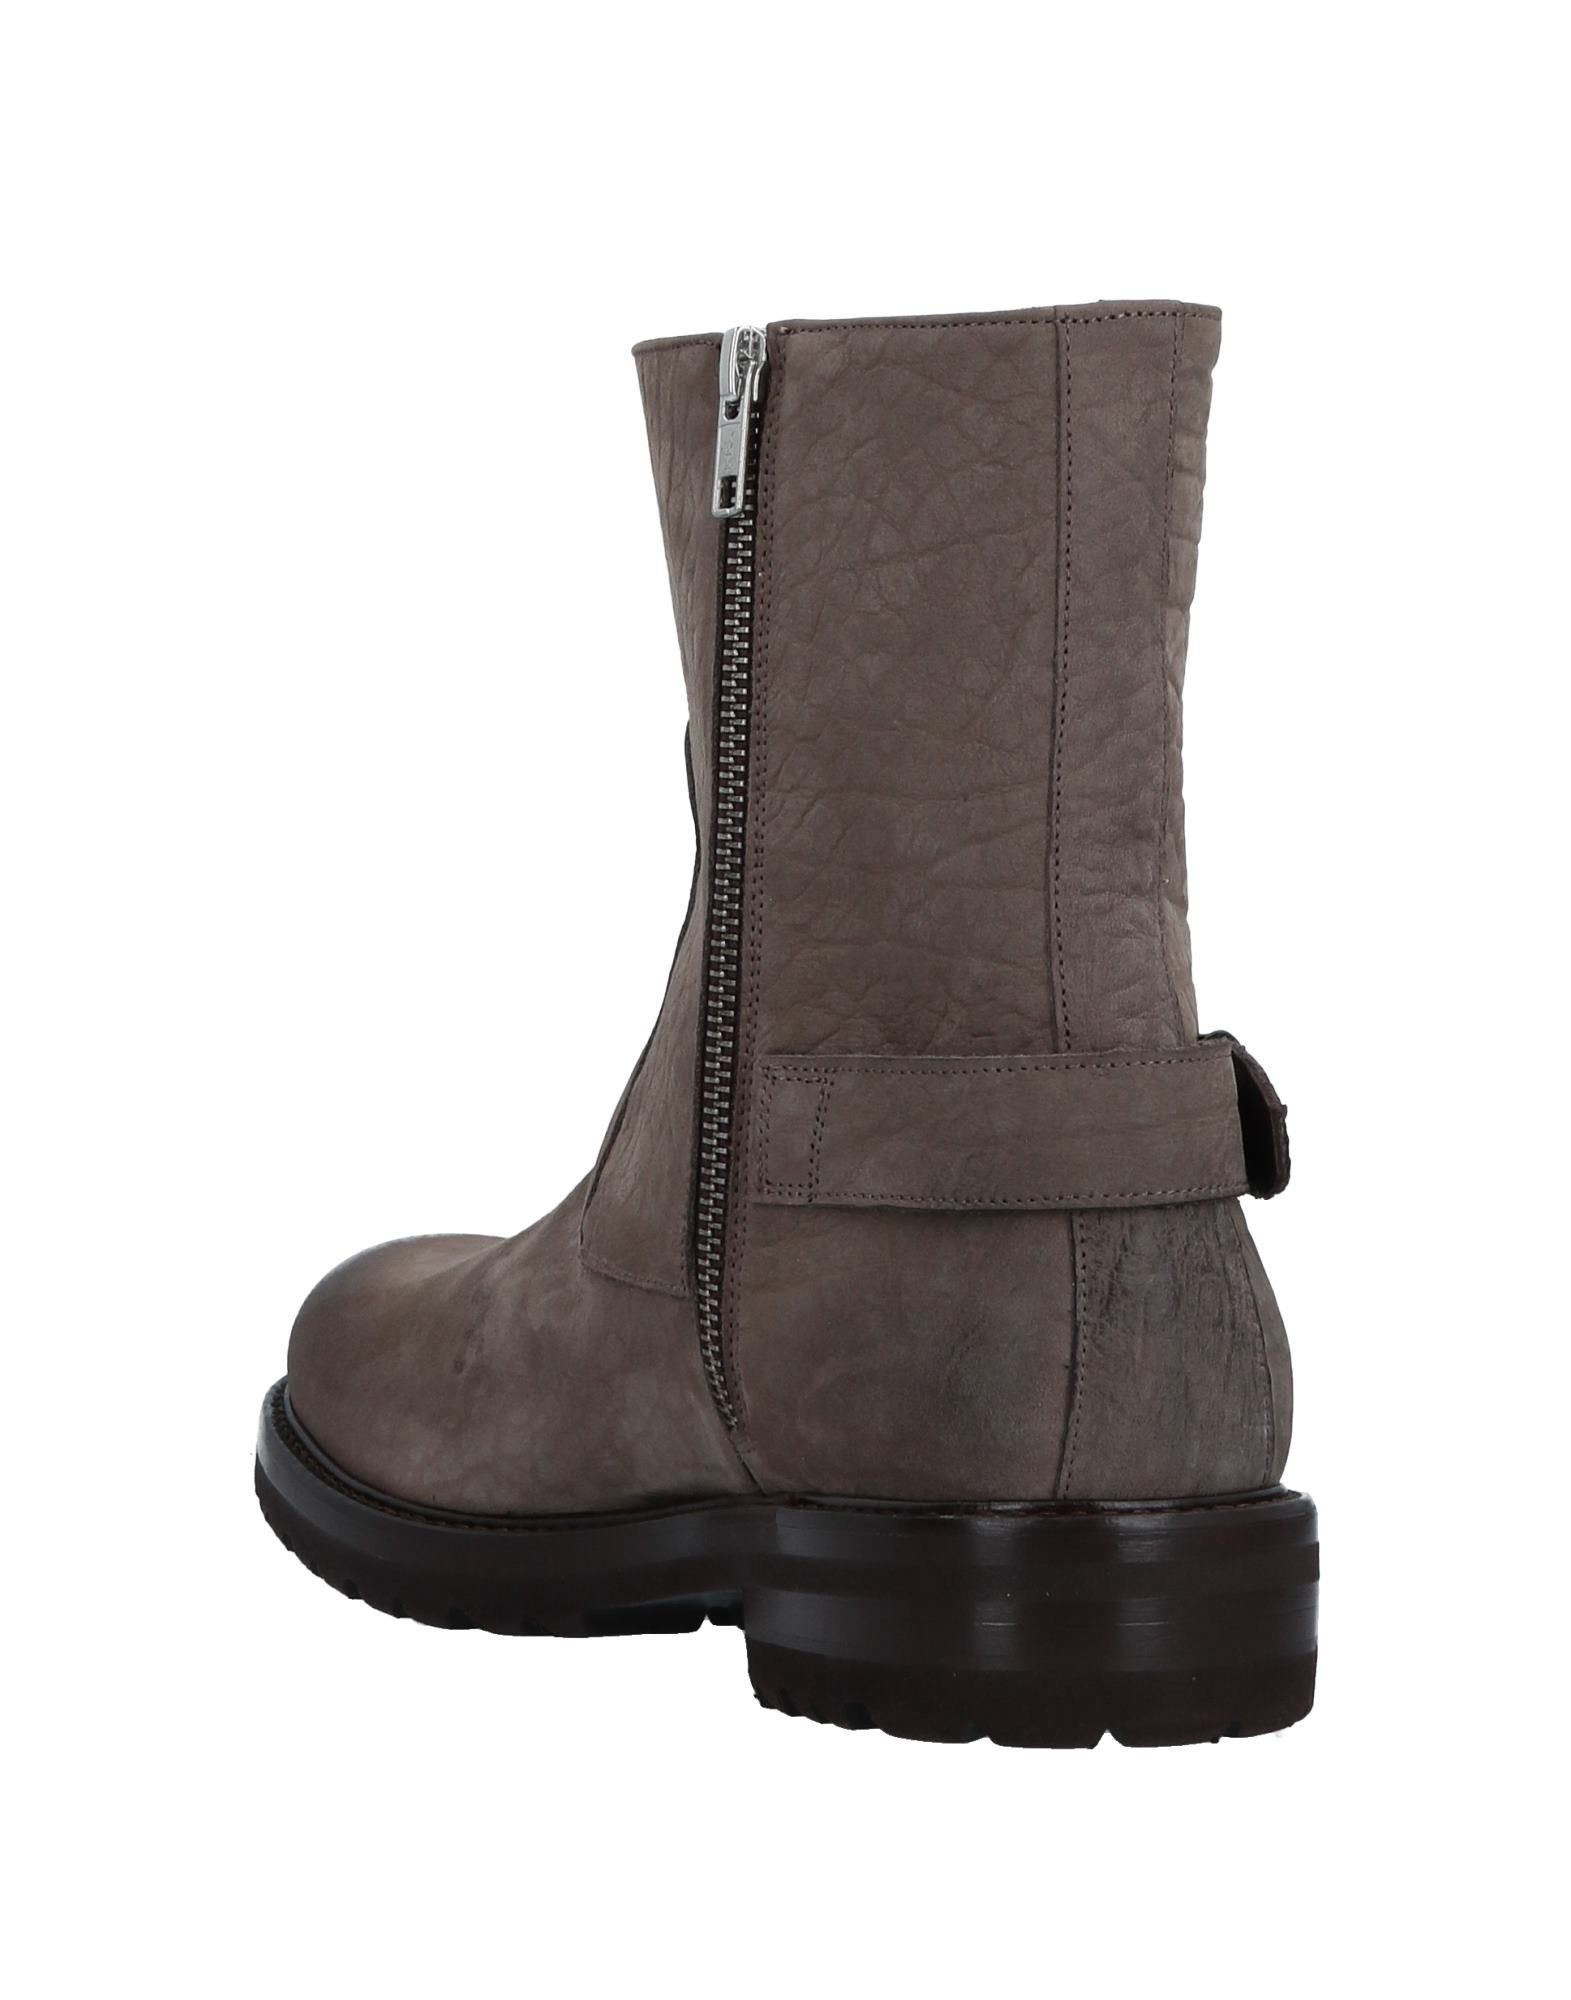 Roberto Cavalli Stiefelette Herren  11517468KF Gute Qualität beliebte Schuhe